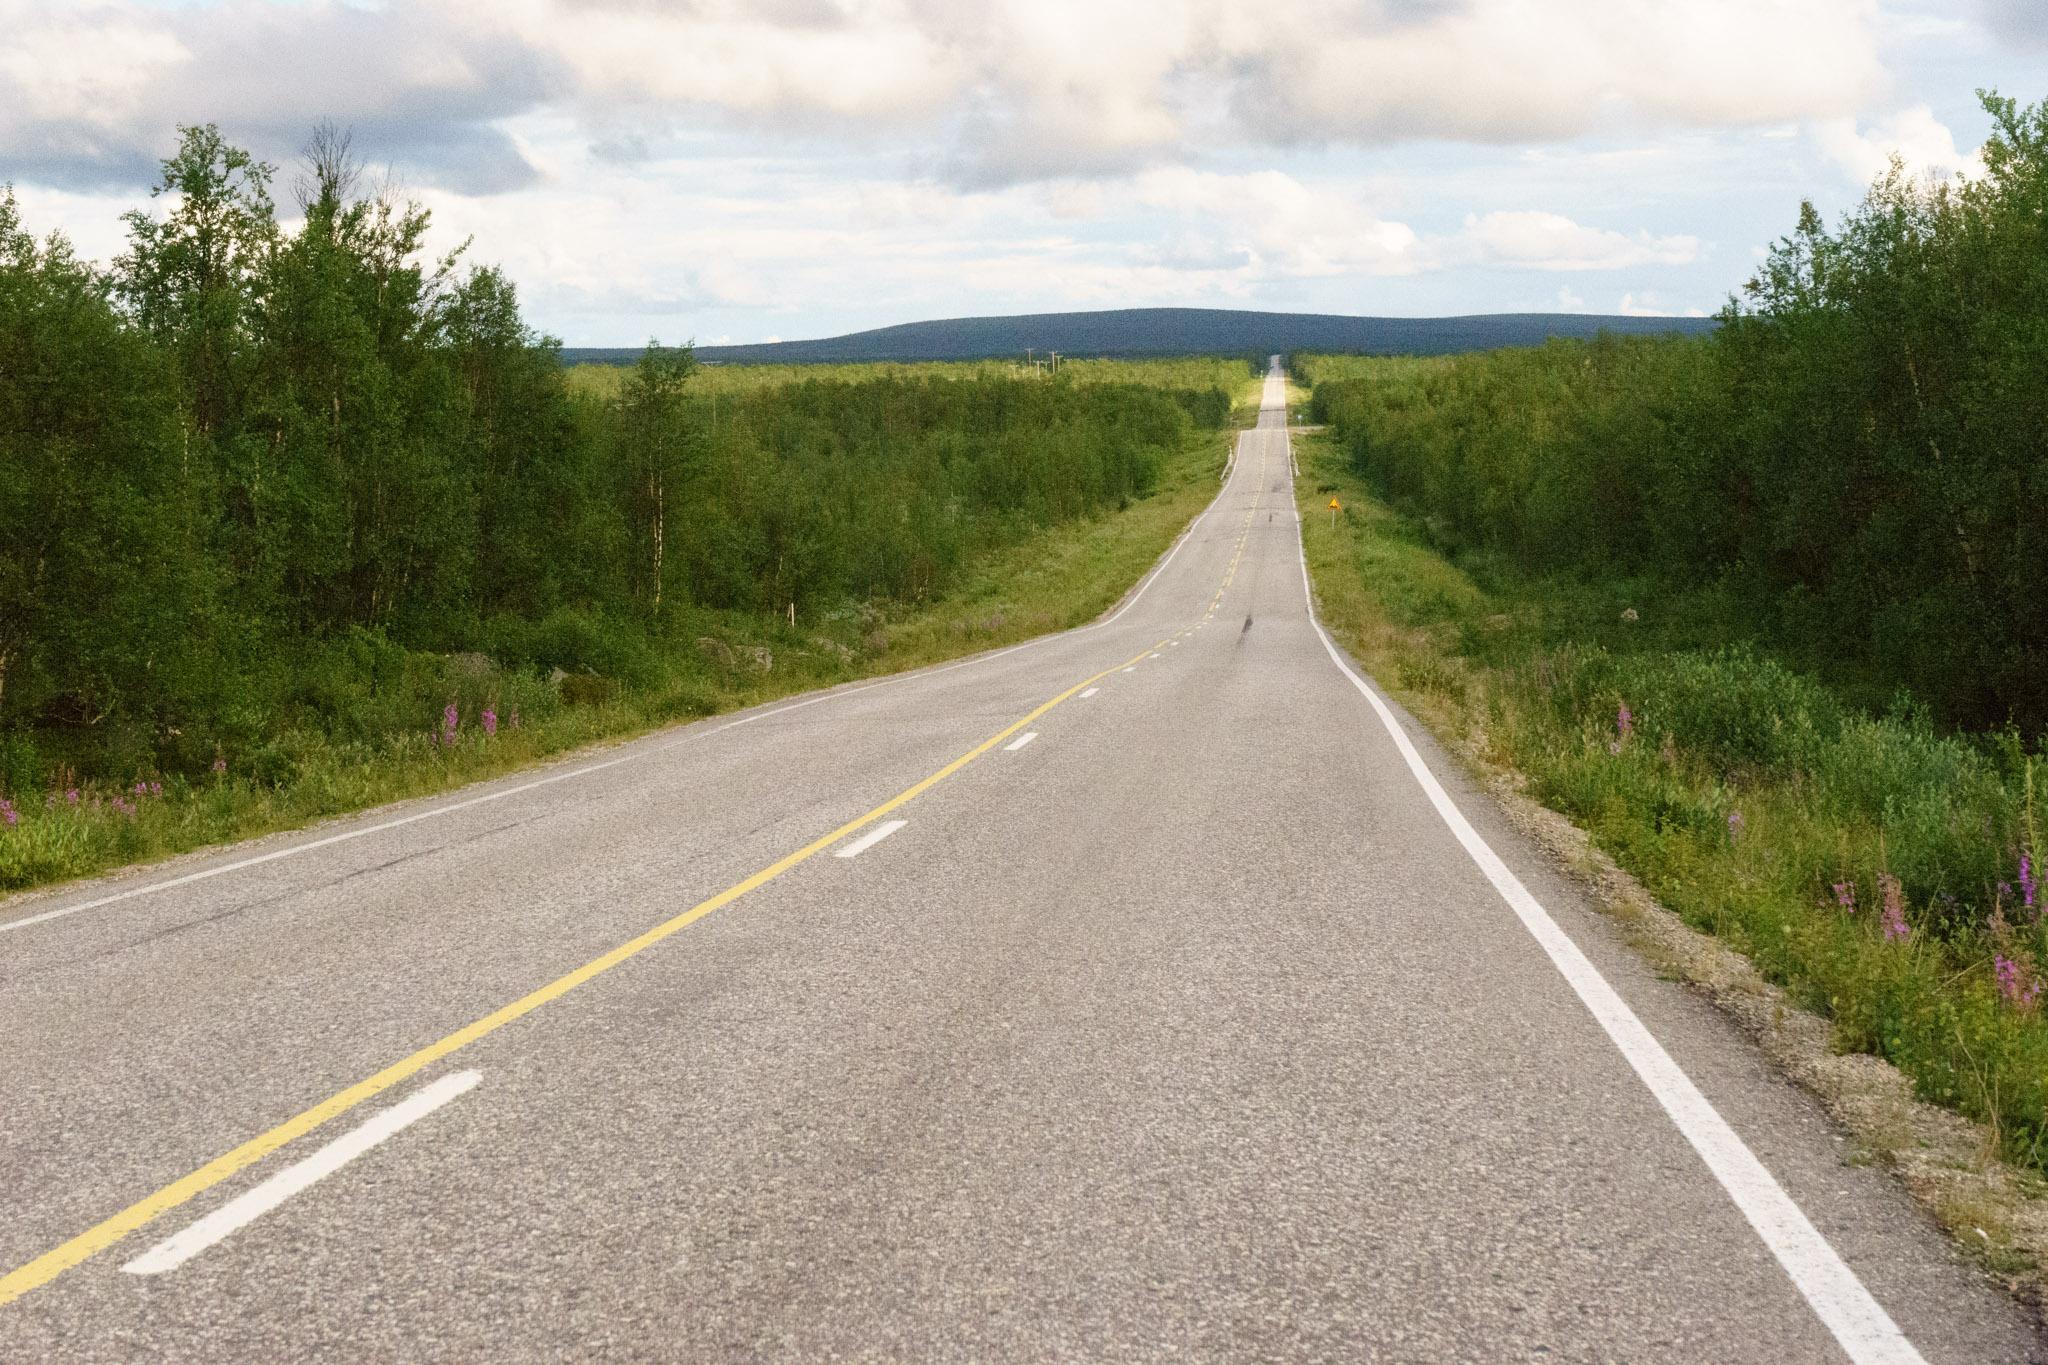 Wieder eine lange Straße